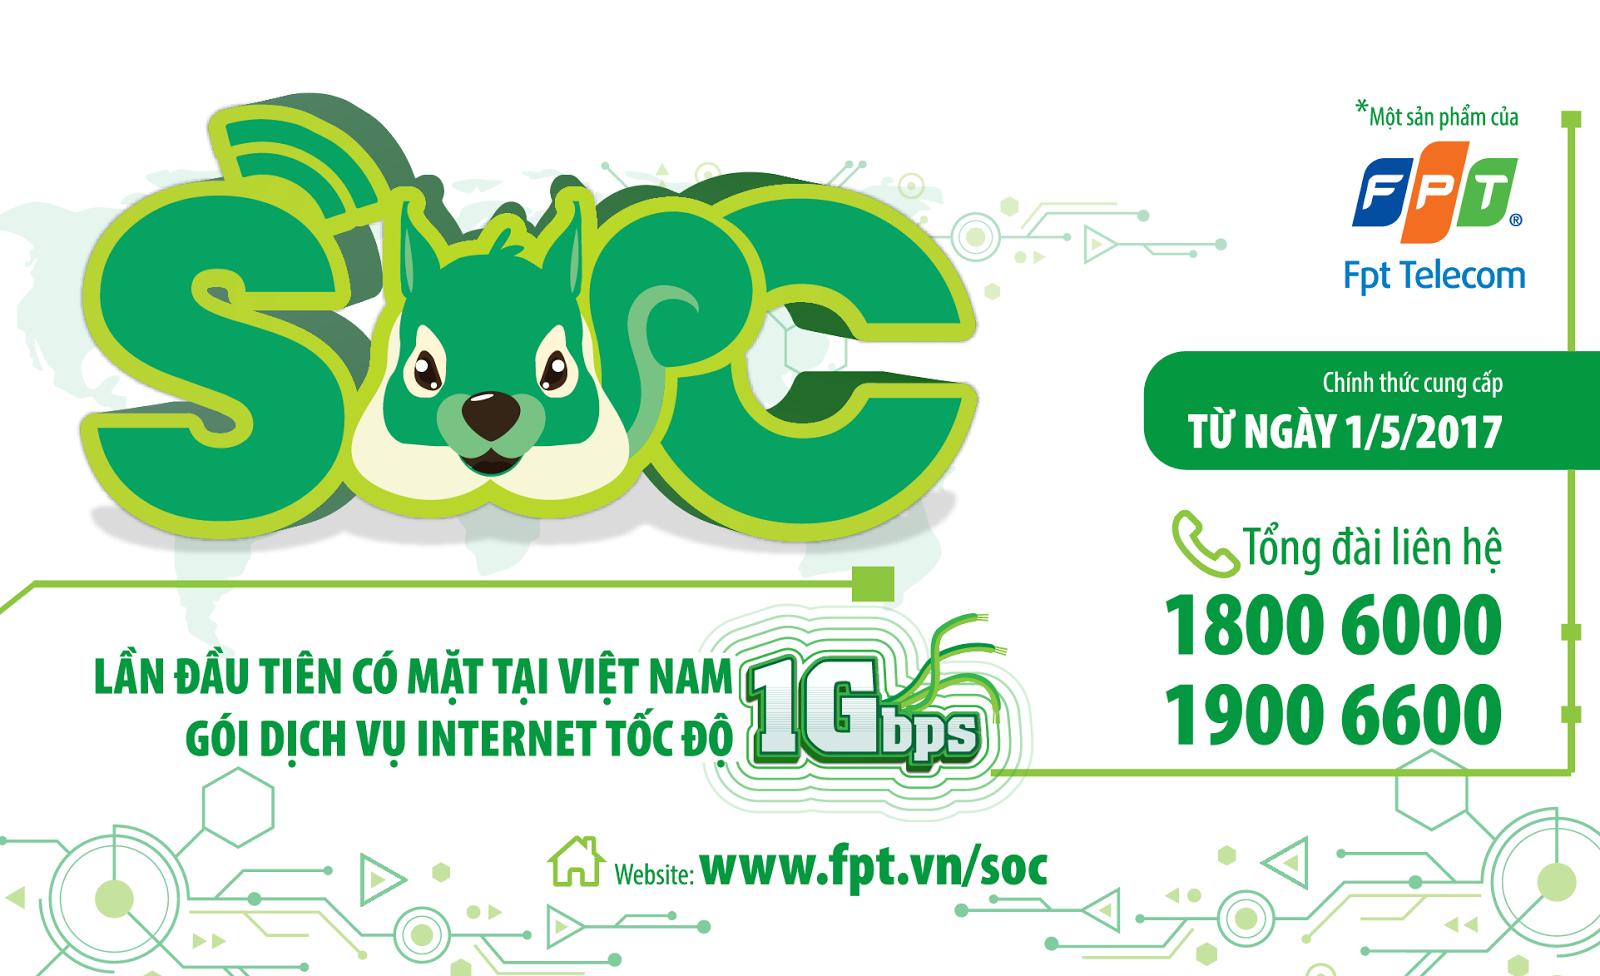 FPT Telecom ra mắt gói dịch vụ Internet tốc độ cao 1Gbps lần đầu tiên tại Việt Nam